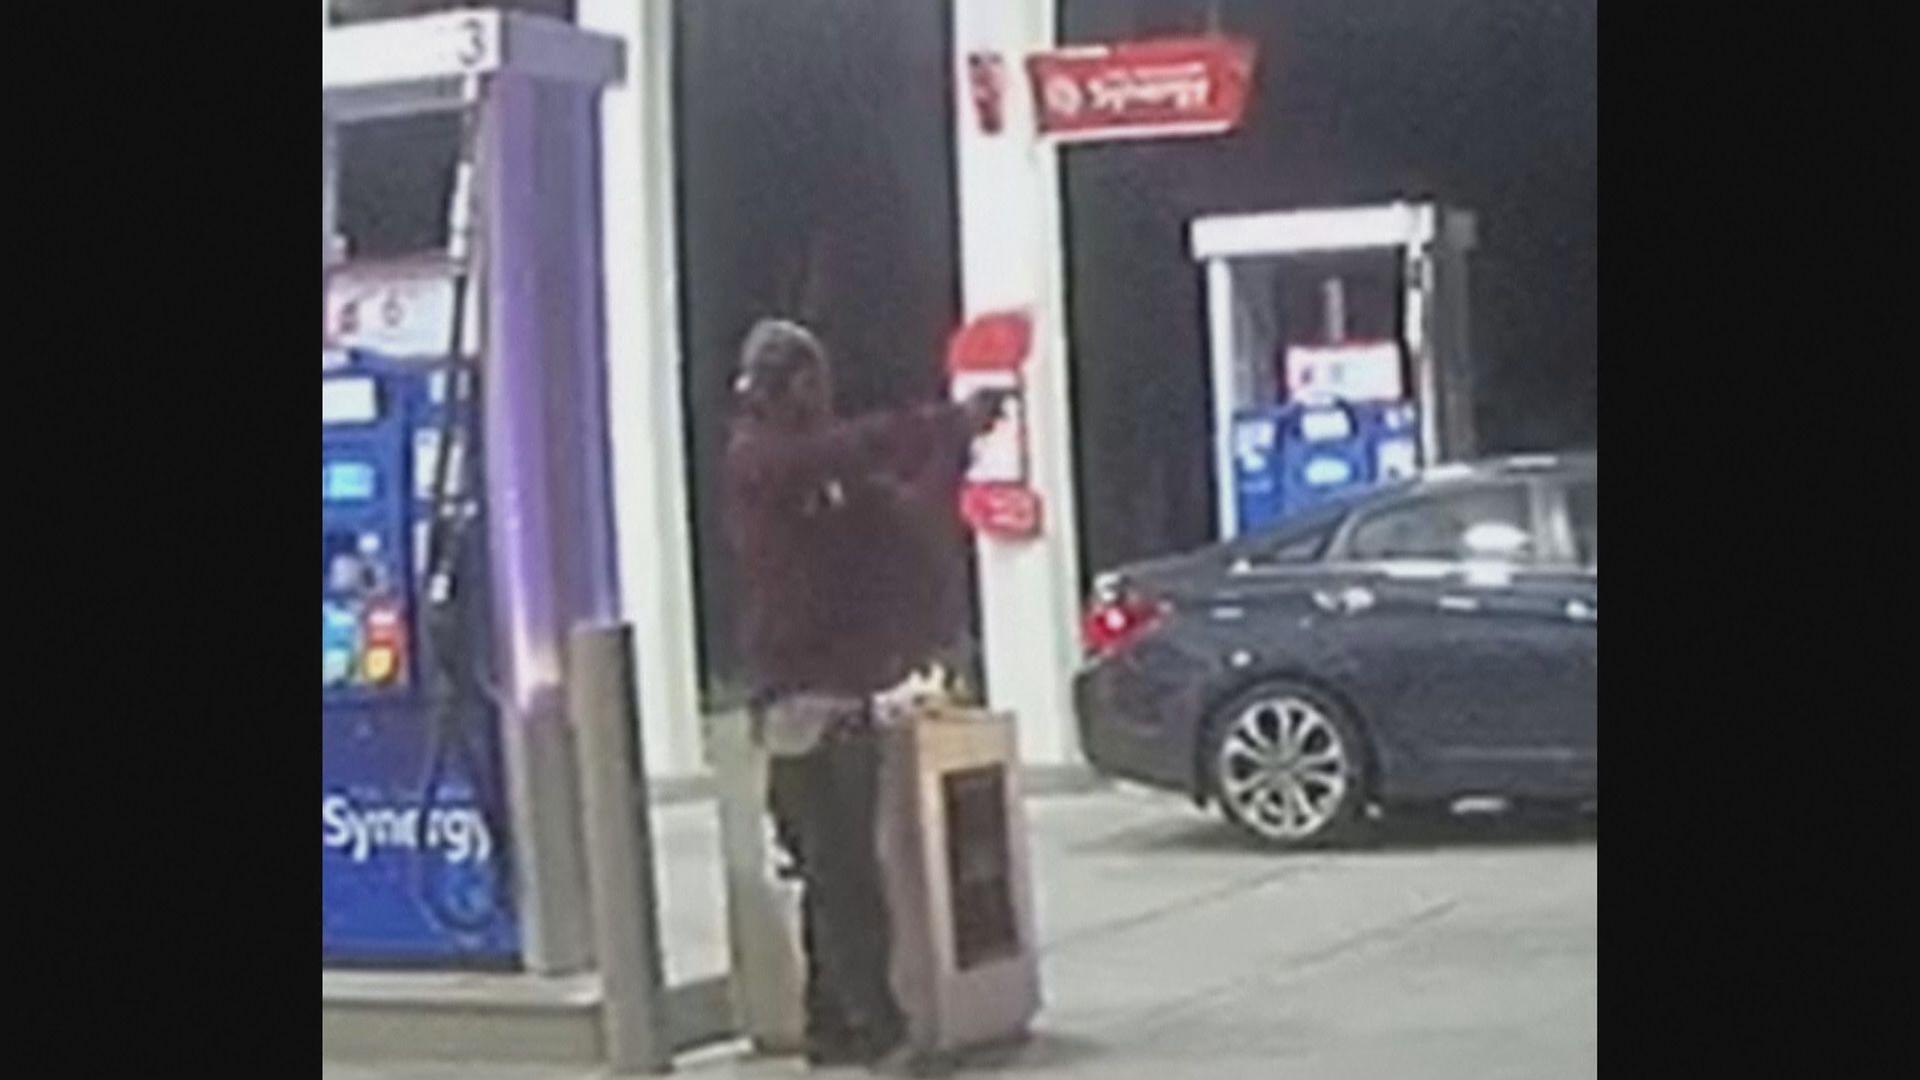 南加州警員擊斃疑持槍男子 目擊者估計錯將電筒當手槍